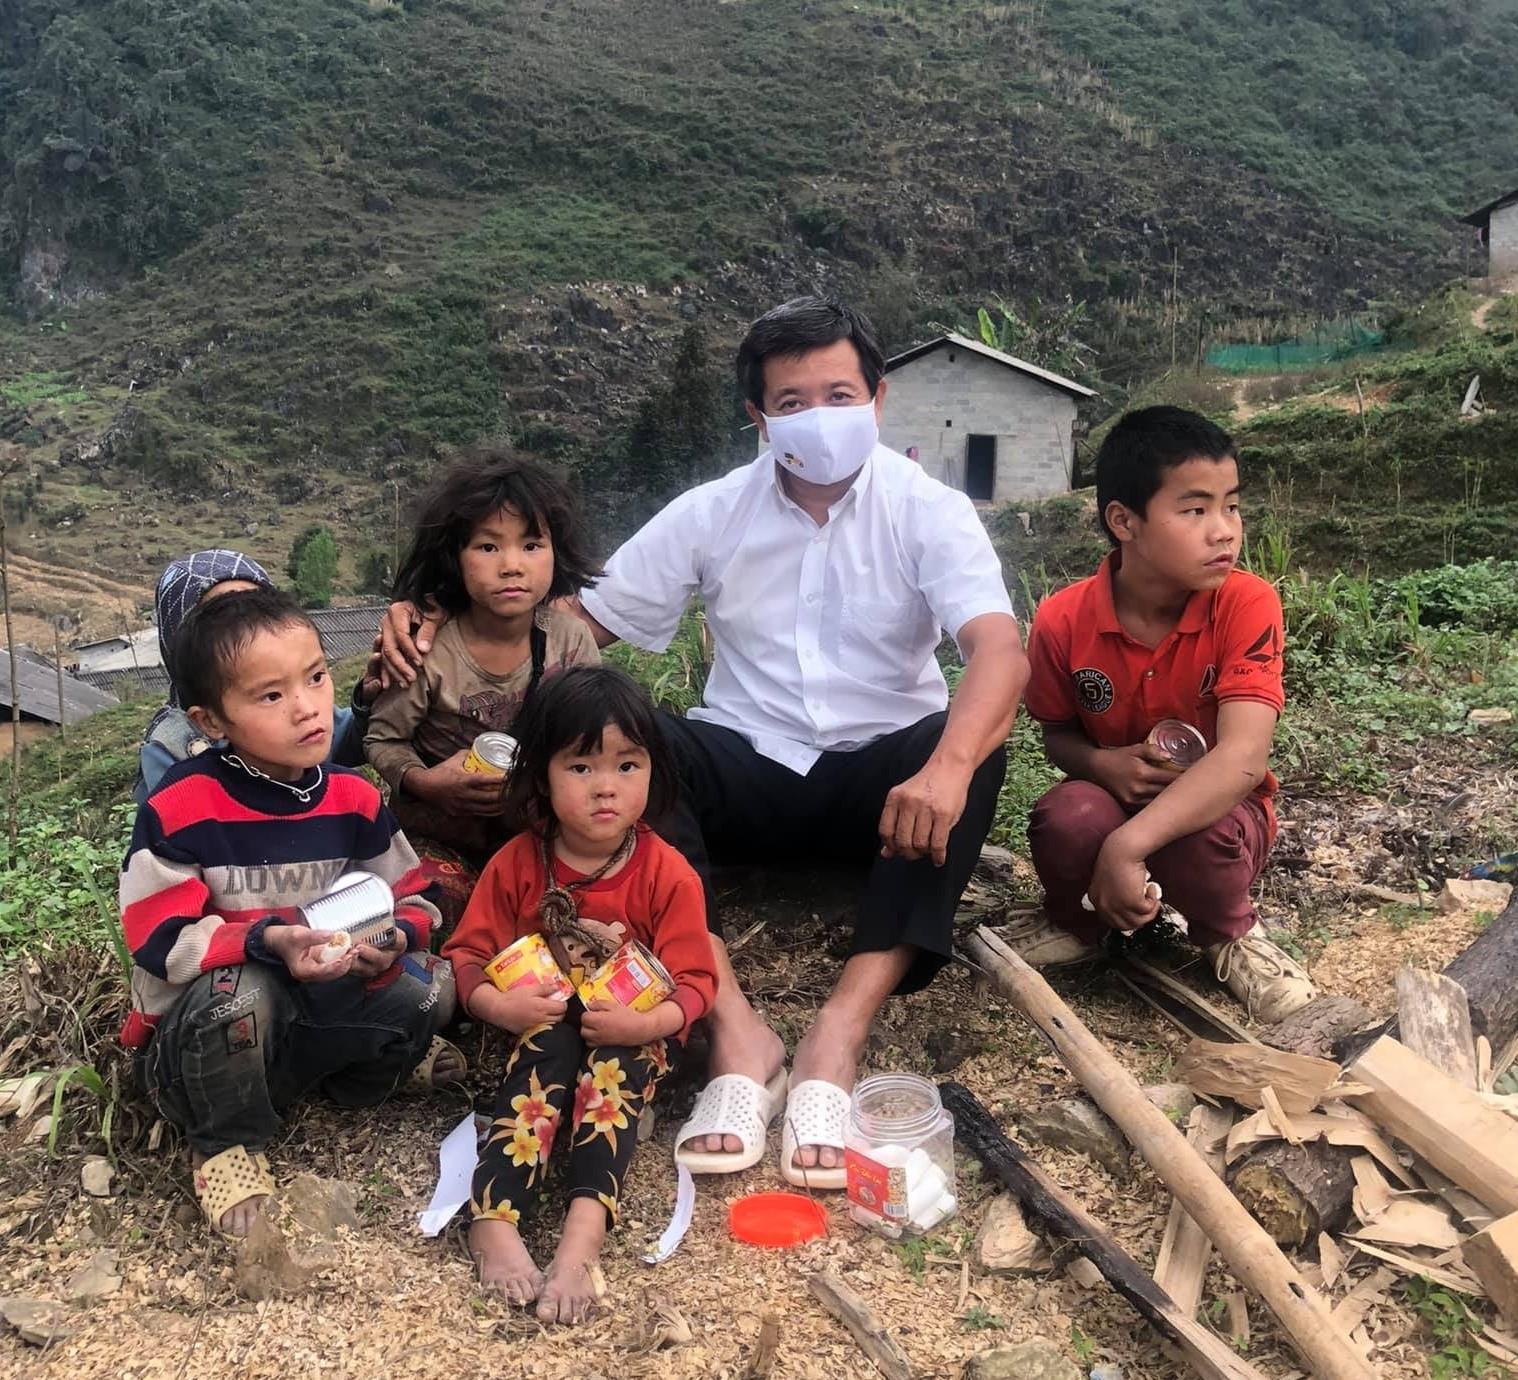 Ông Đoàn Ngọc Hải chụp hình lưu niệm với những đứa trẻ người DTTS ở Yên Minh (Hà Giang)